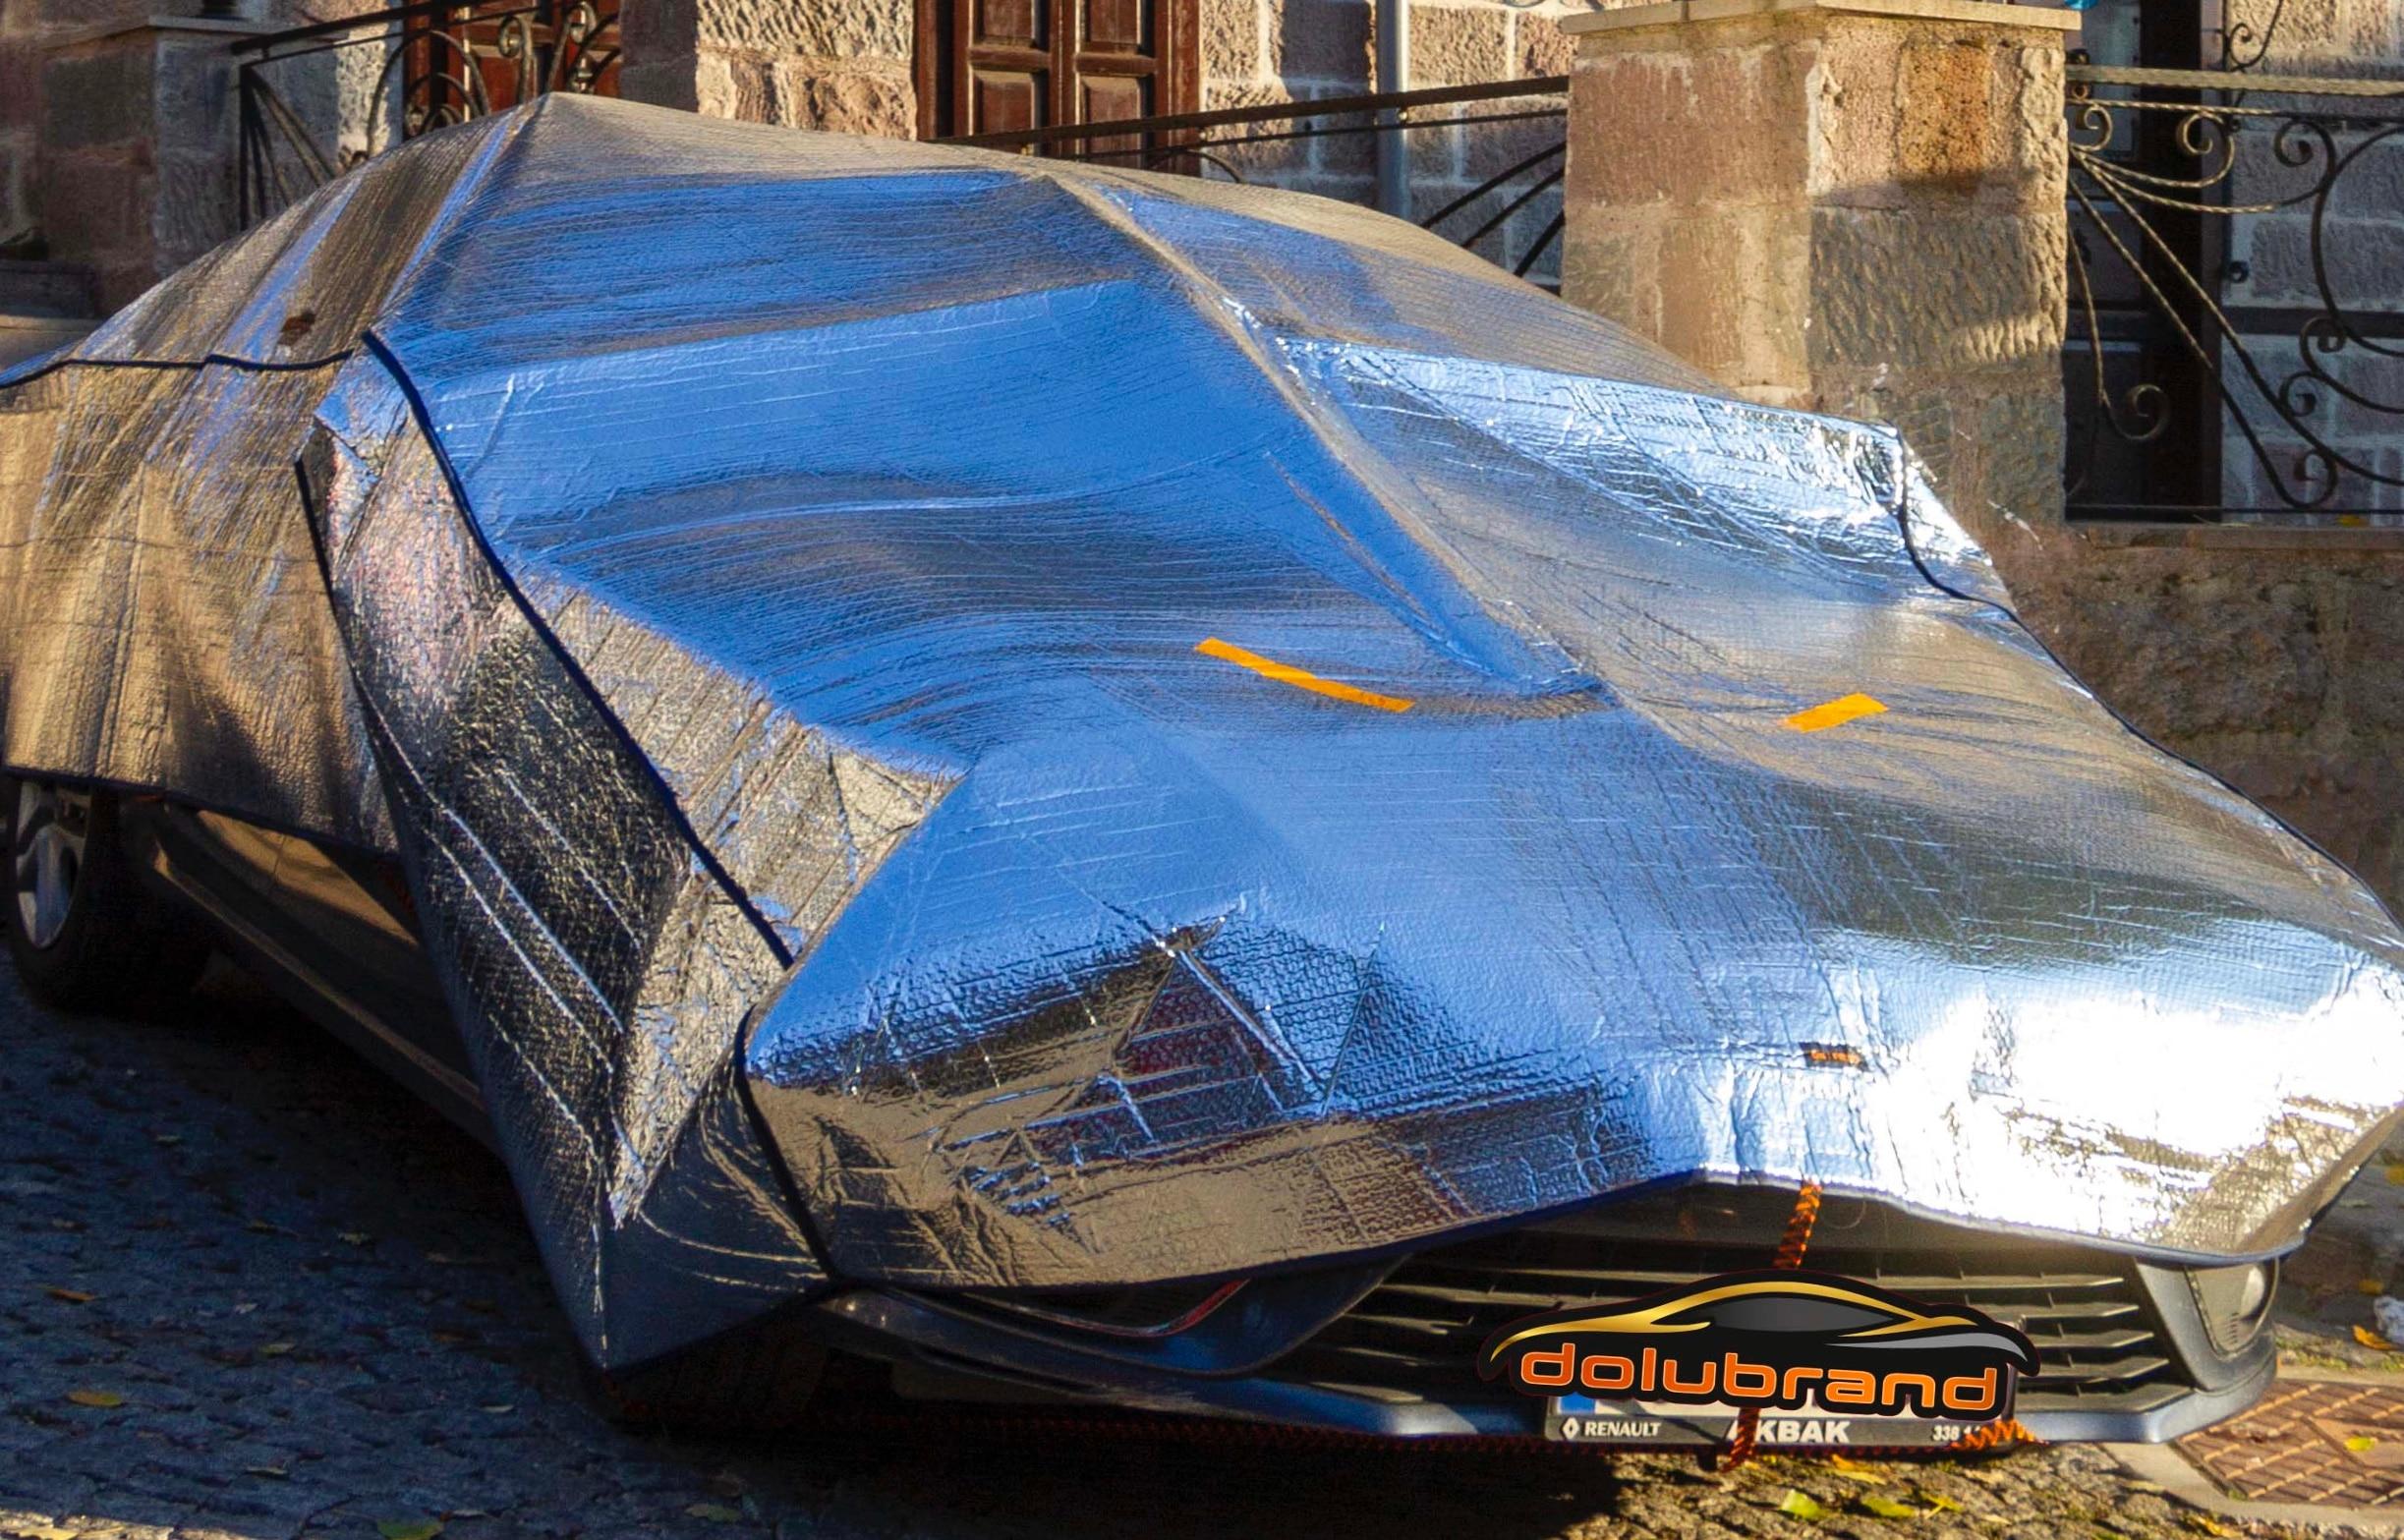 Accessoires de voiture pleine bâches de voiture universelle extérieure bâche de voiture imperméable à l'eau grêle Protection Auto couvre pour berline SUV